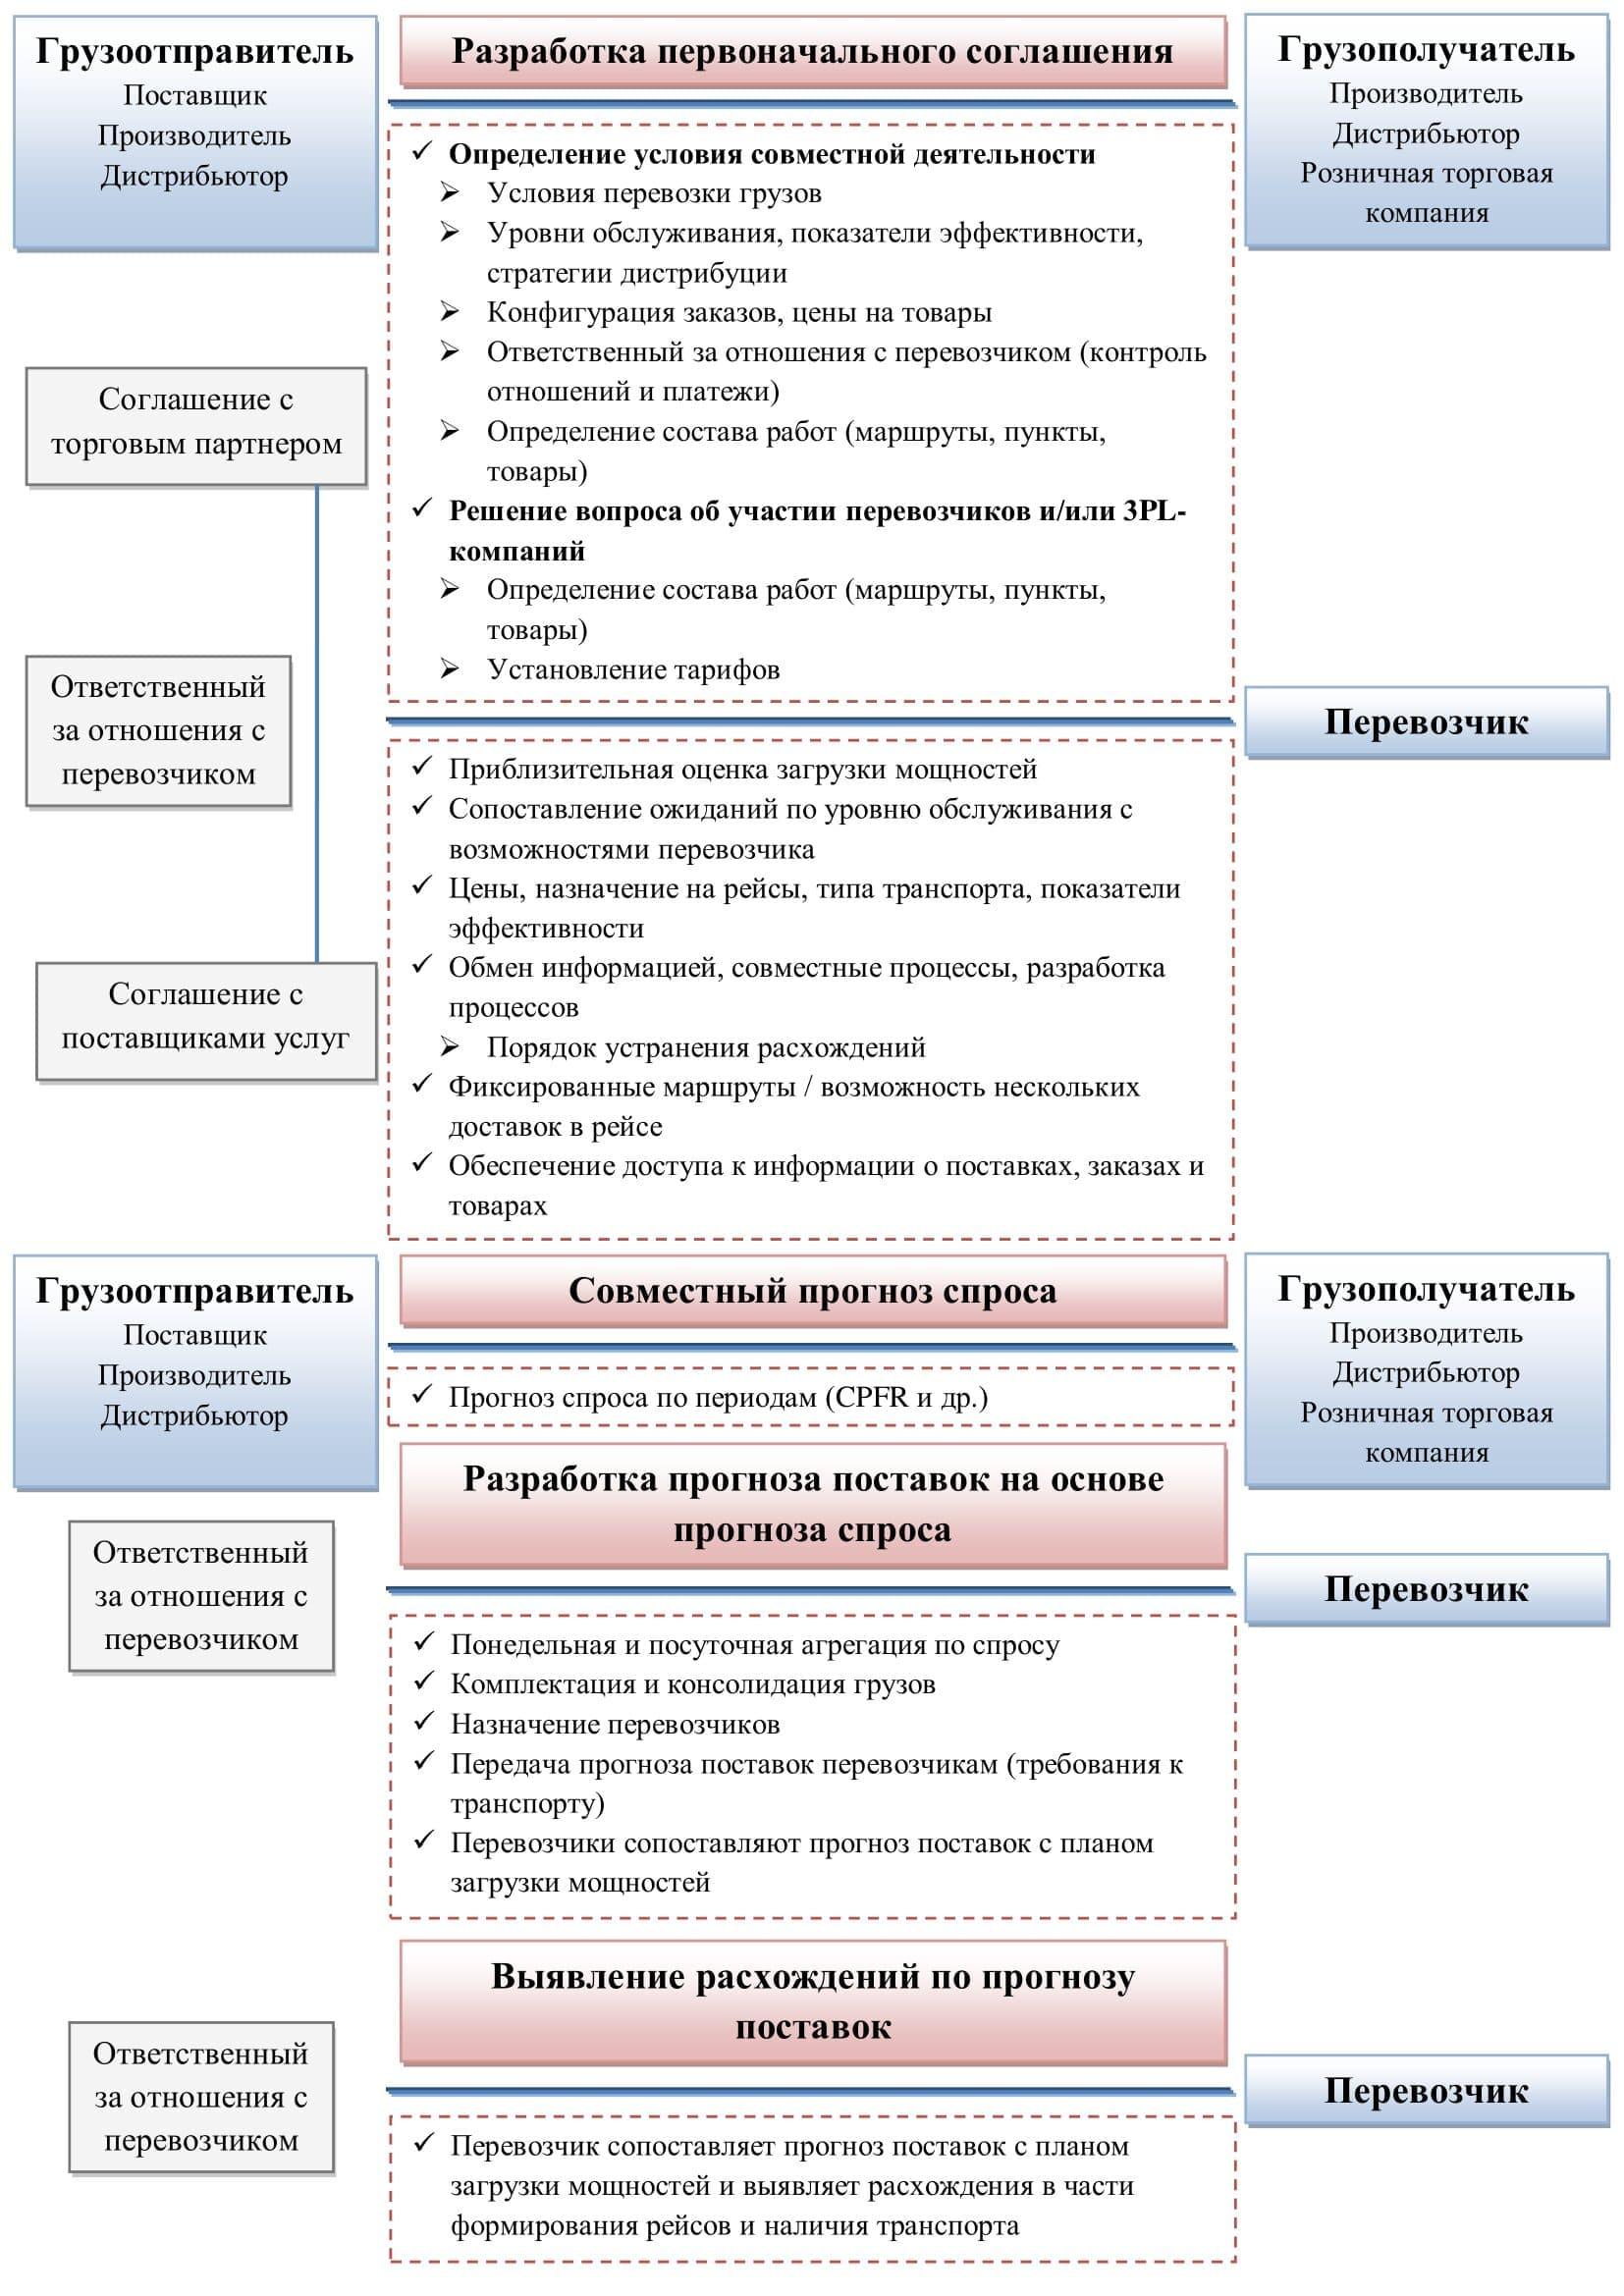 Схема Комплексный процесс СТМ